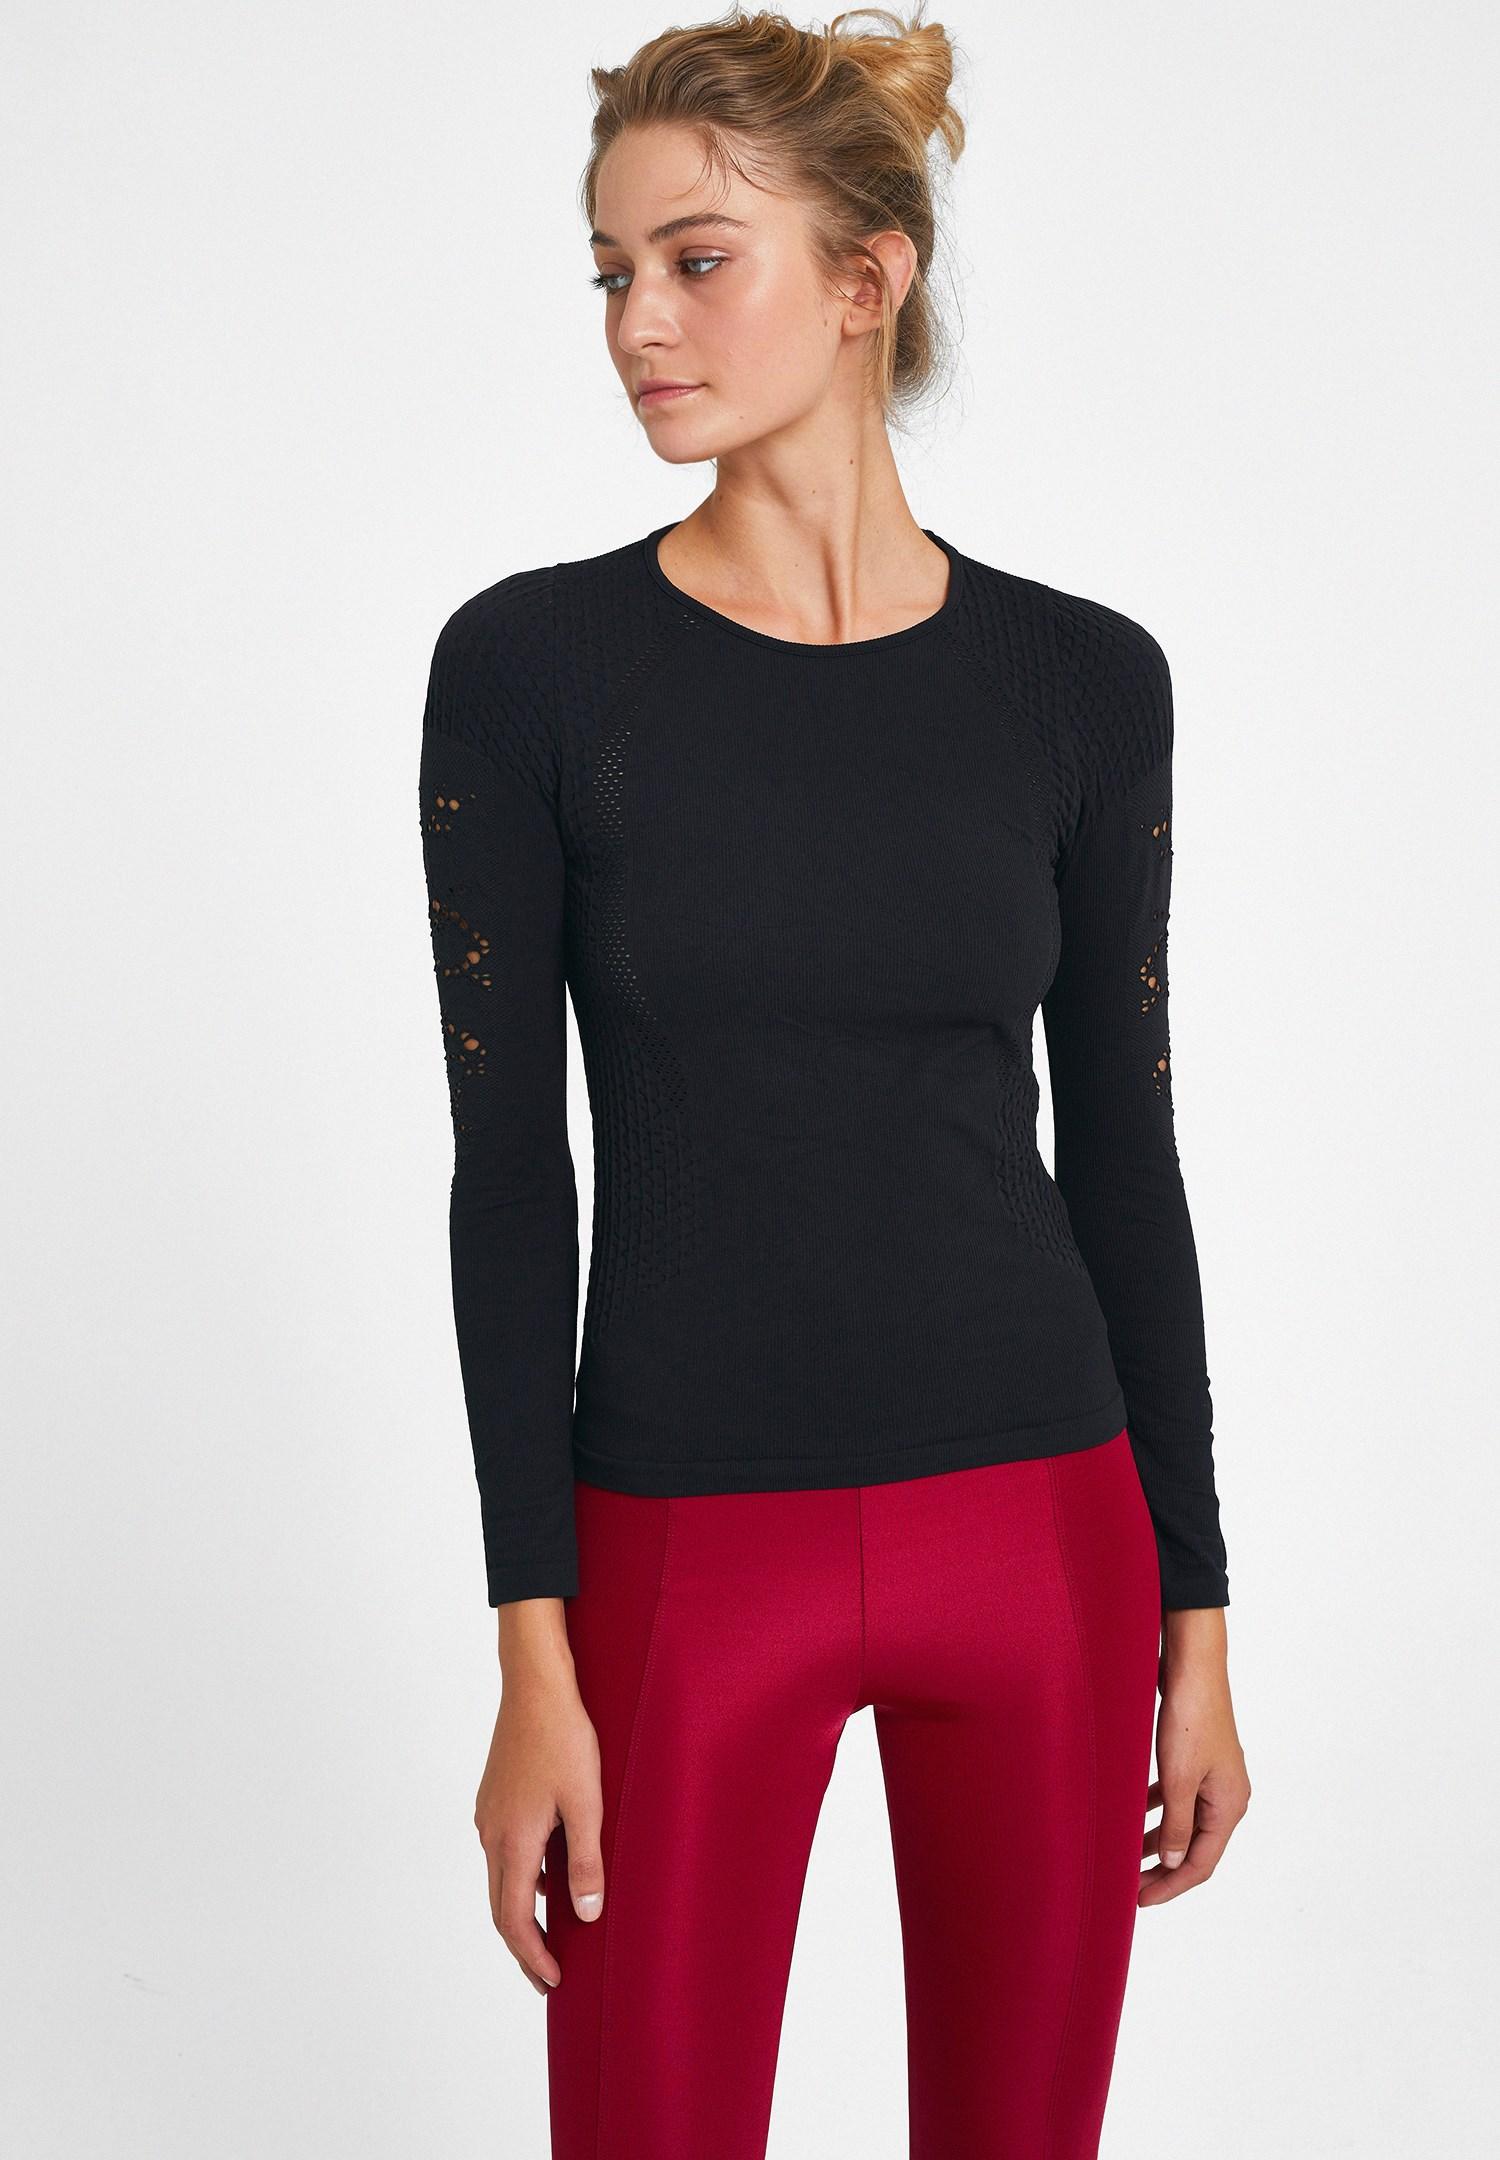 Bayan Siyah Kol Detaylı Spor Tişört